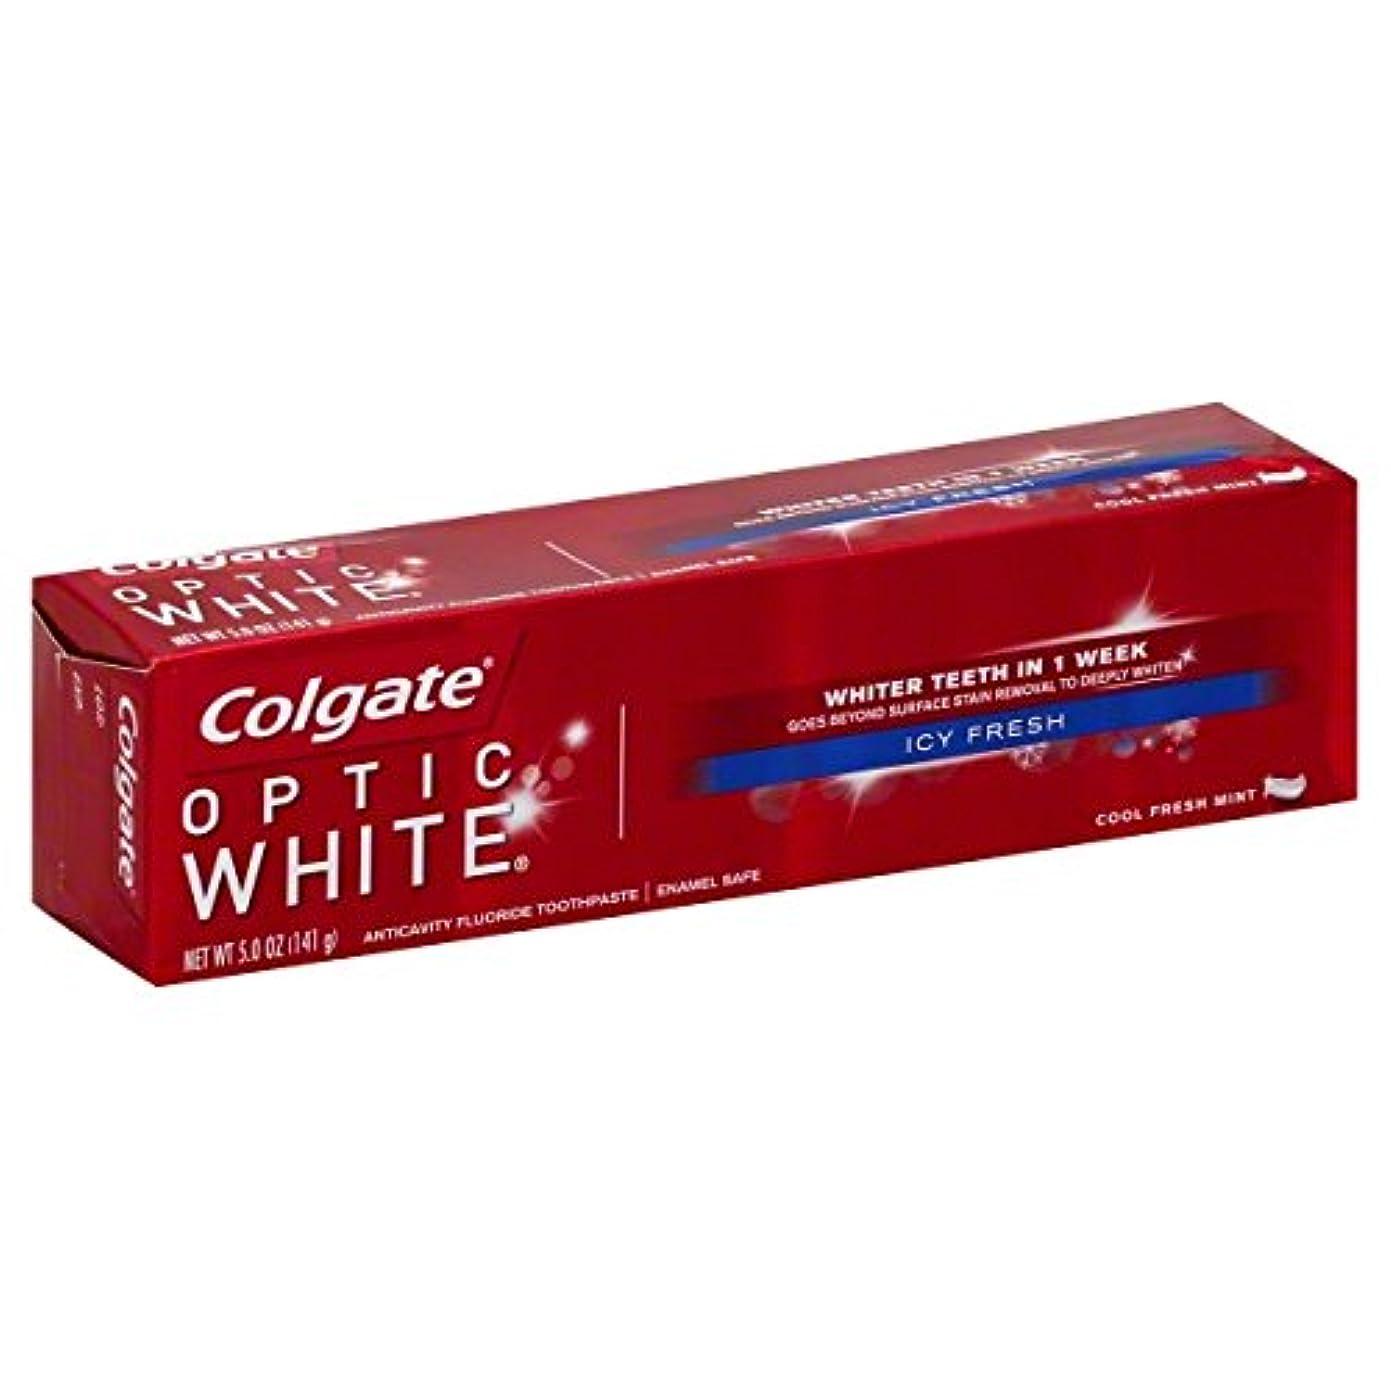 八残酷ステープルColgate オプティックホワイトハミガキ、アイシー新鮮な、5オンス(6パック)